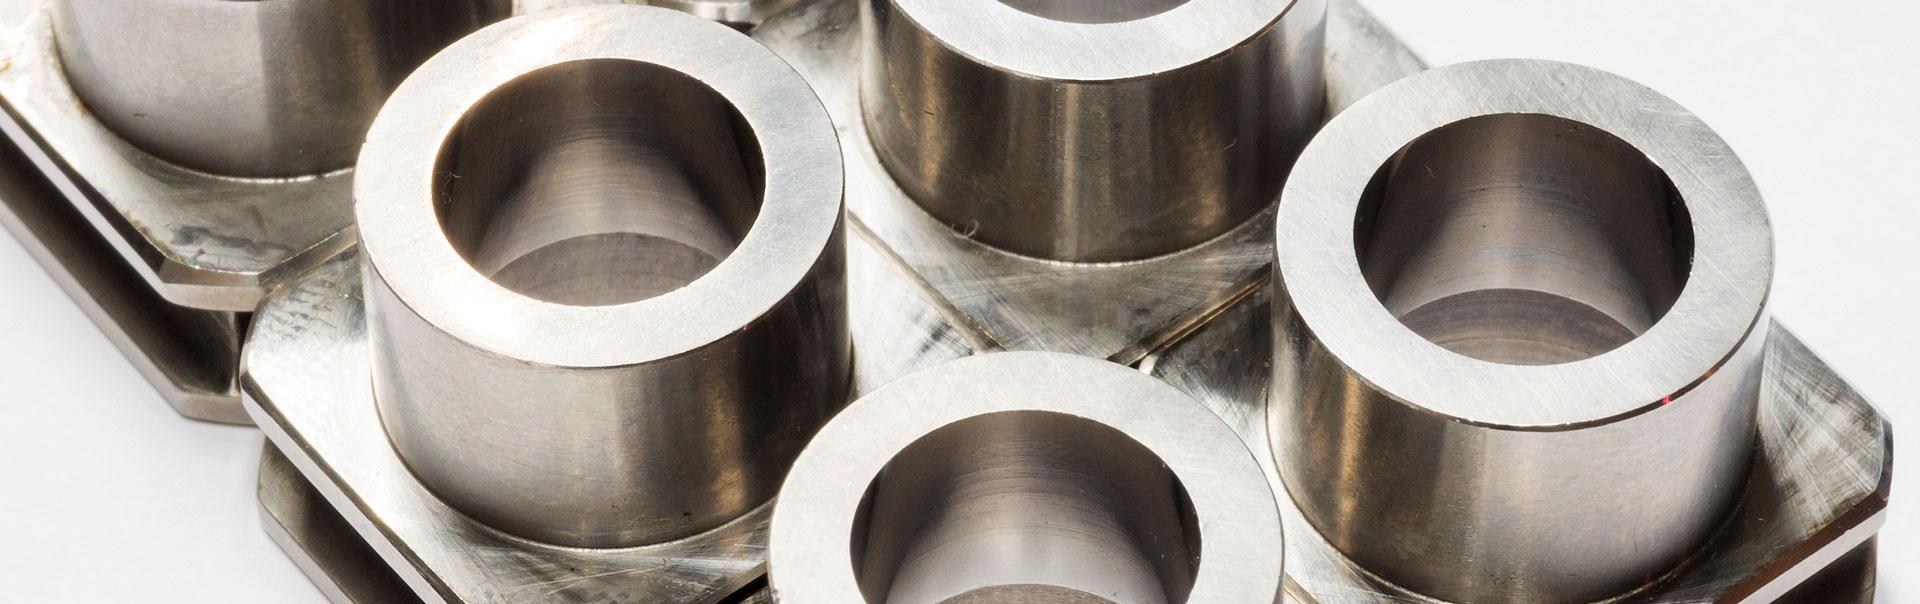 Hervorragend Vernickeln von Metalloberflächen - OTS Oberflächentechnik SX58